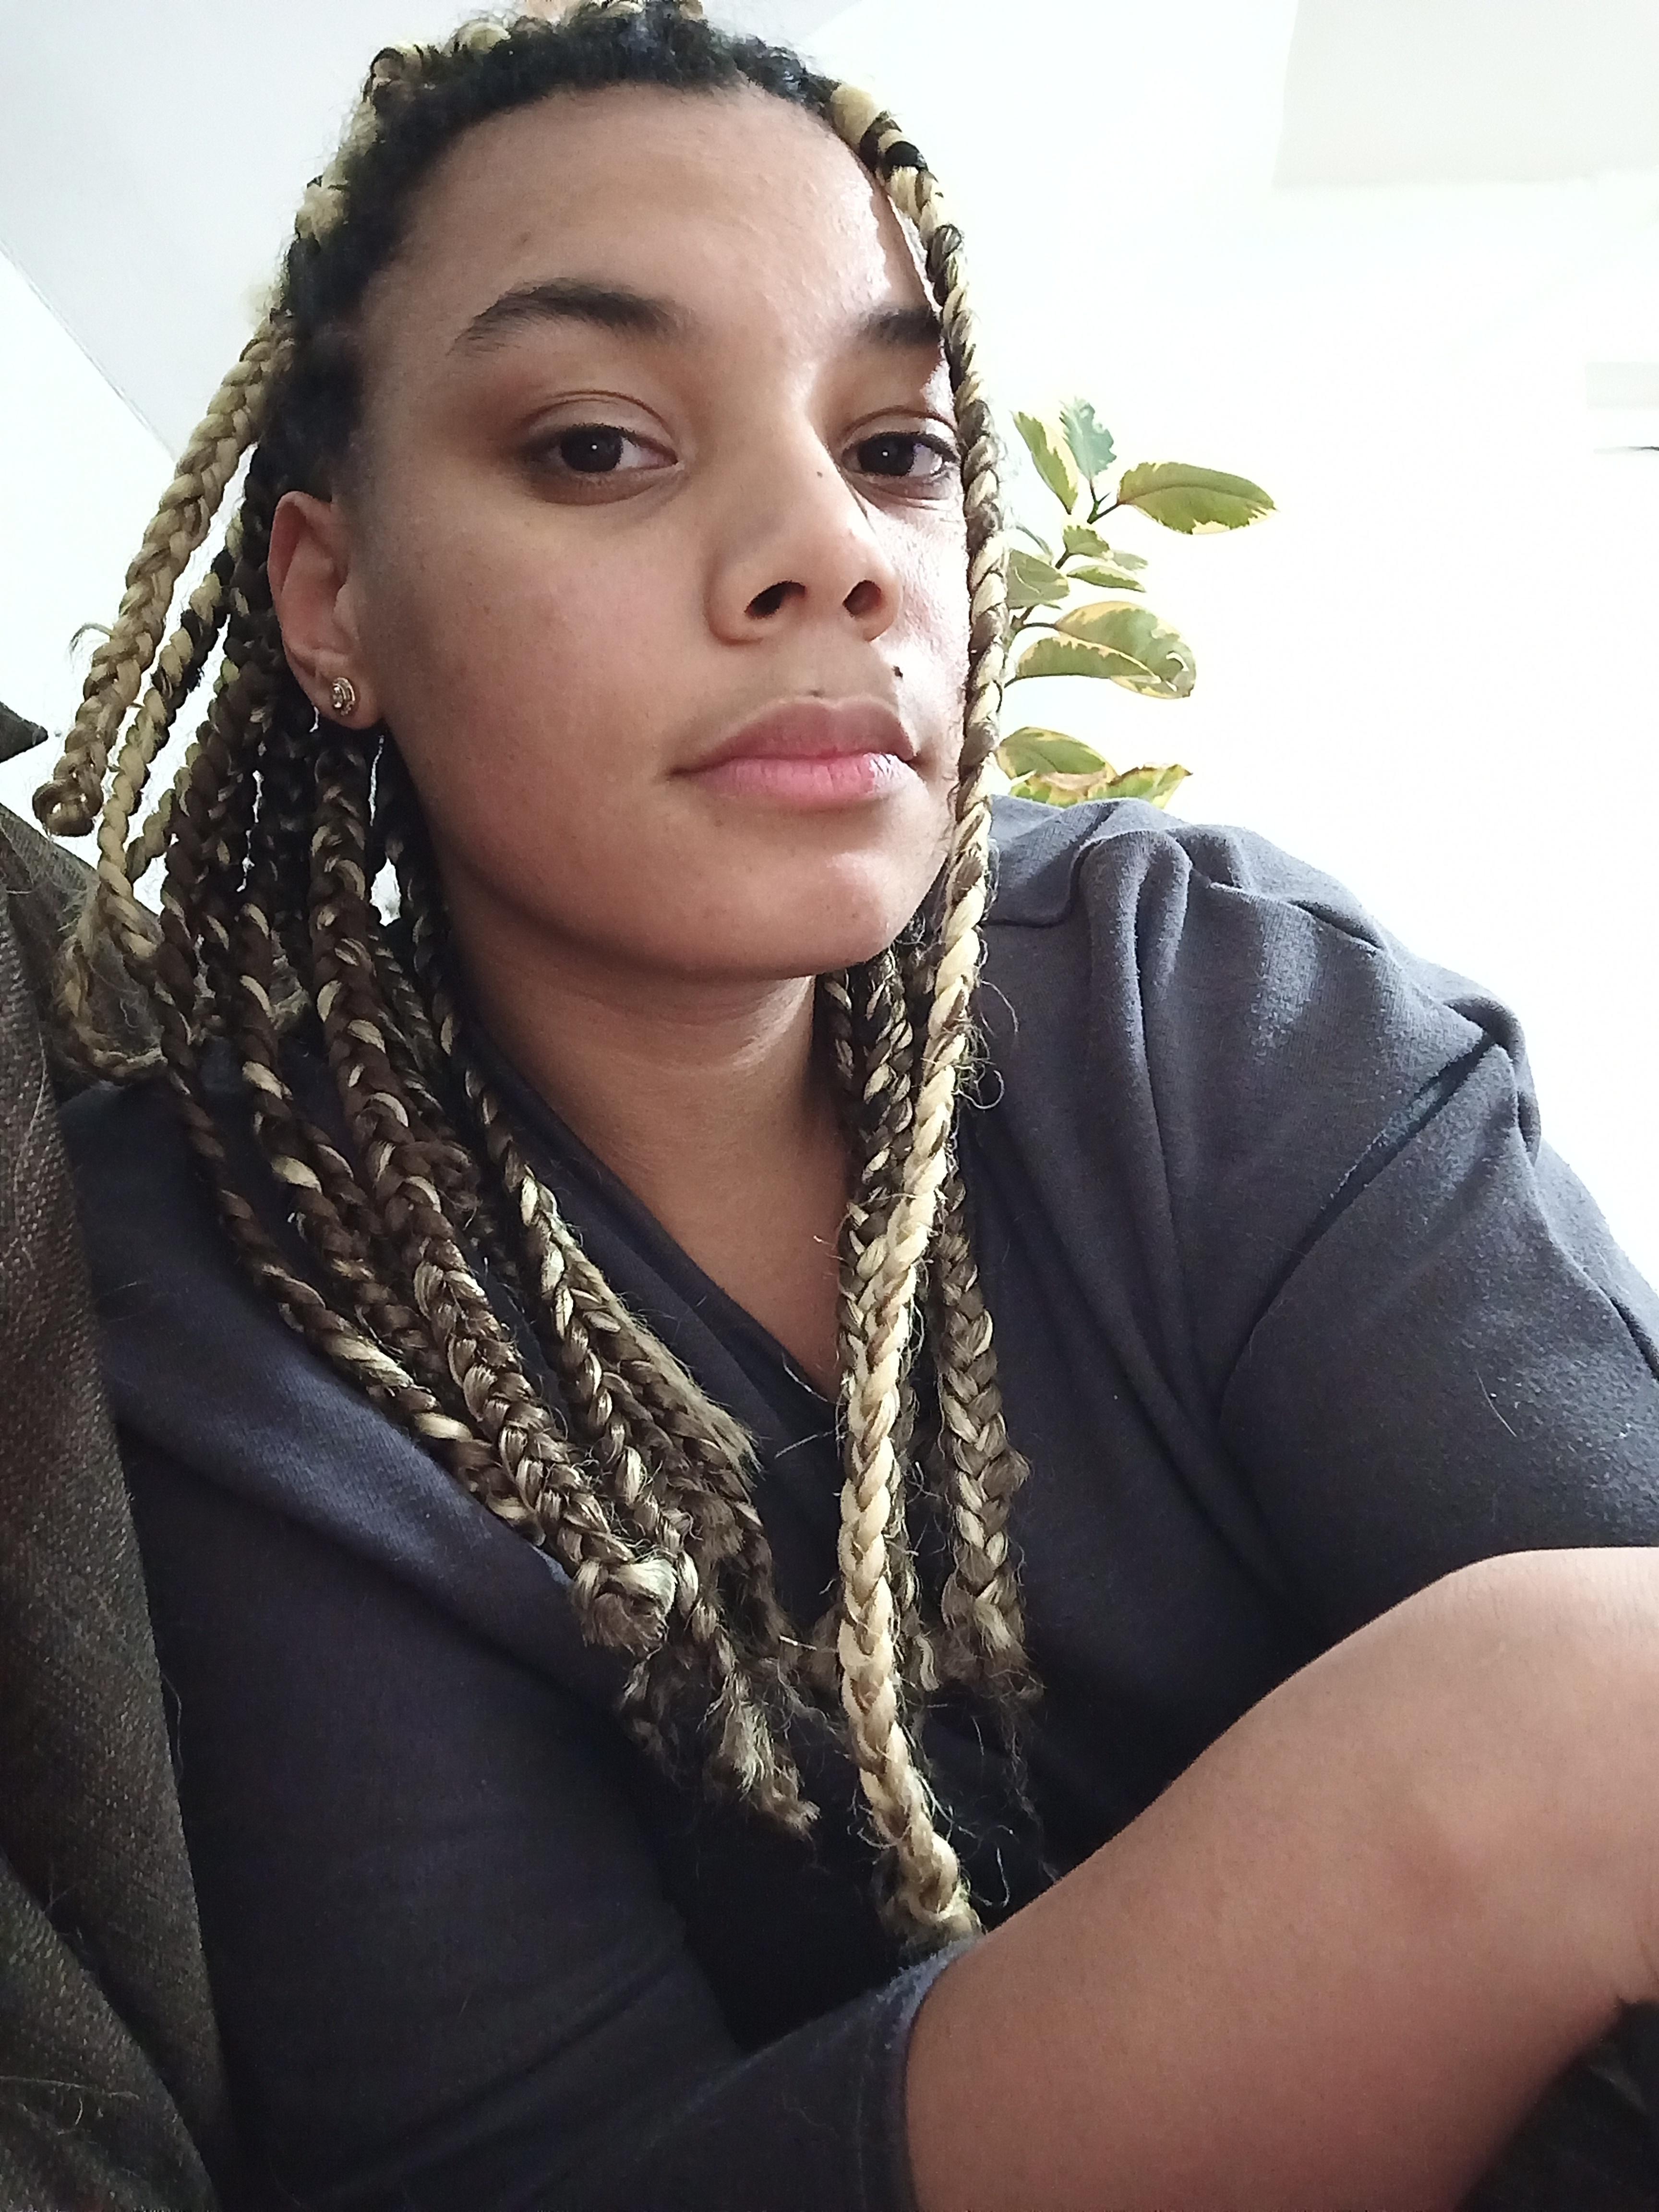 salon de coiffure afro tresse tresses box braids crochet braids vanilles tissages paris 75 77 78 91 92 93 94 95 ZYRQLVNC